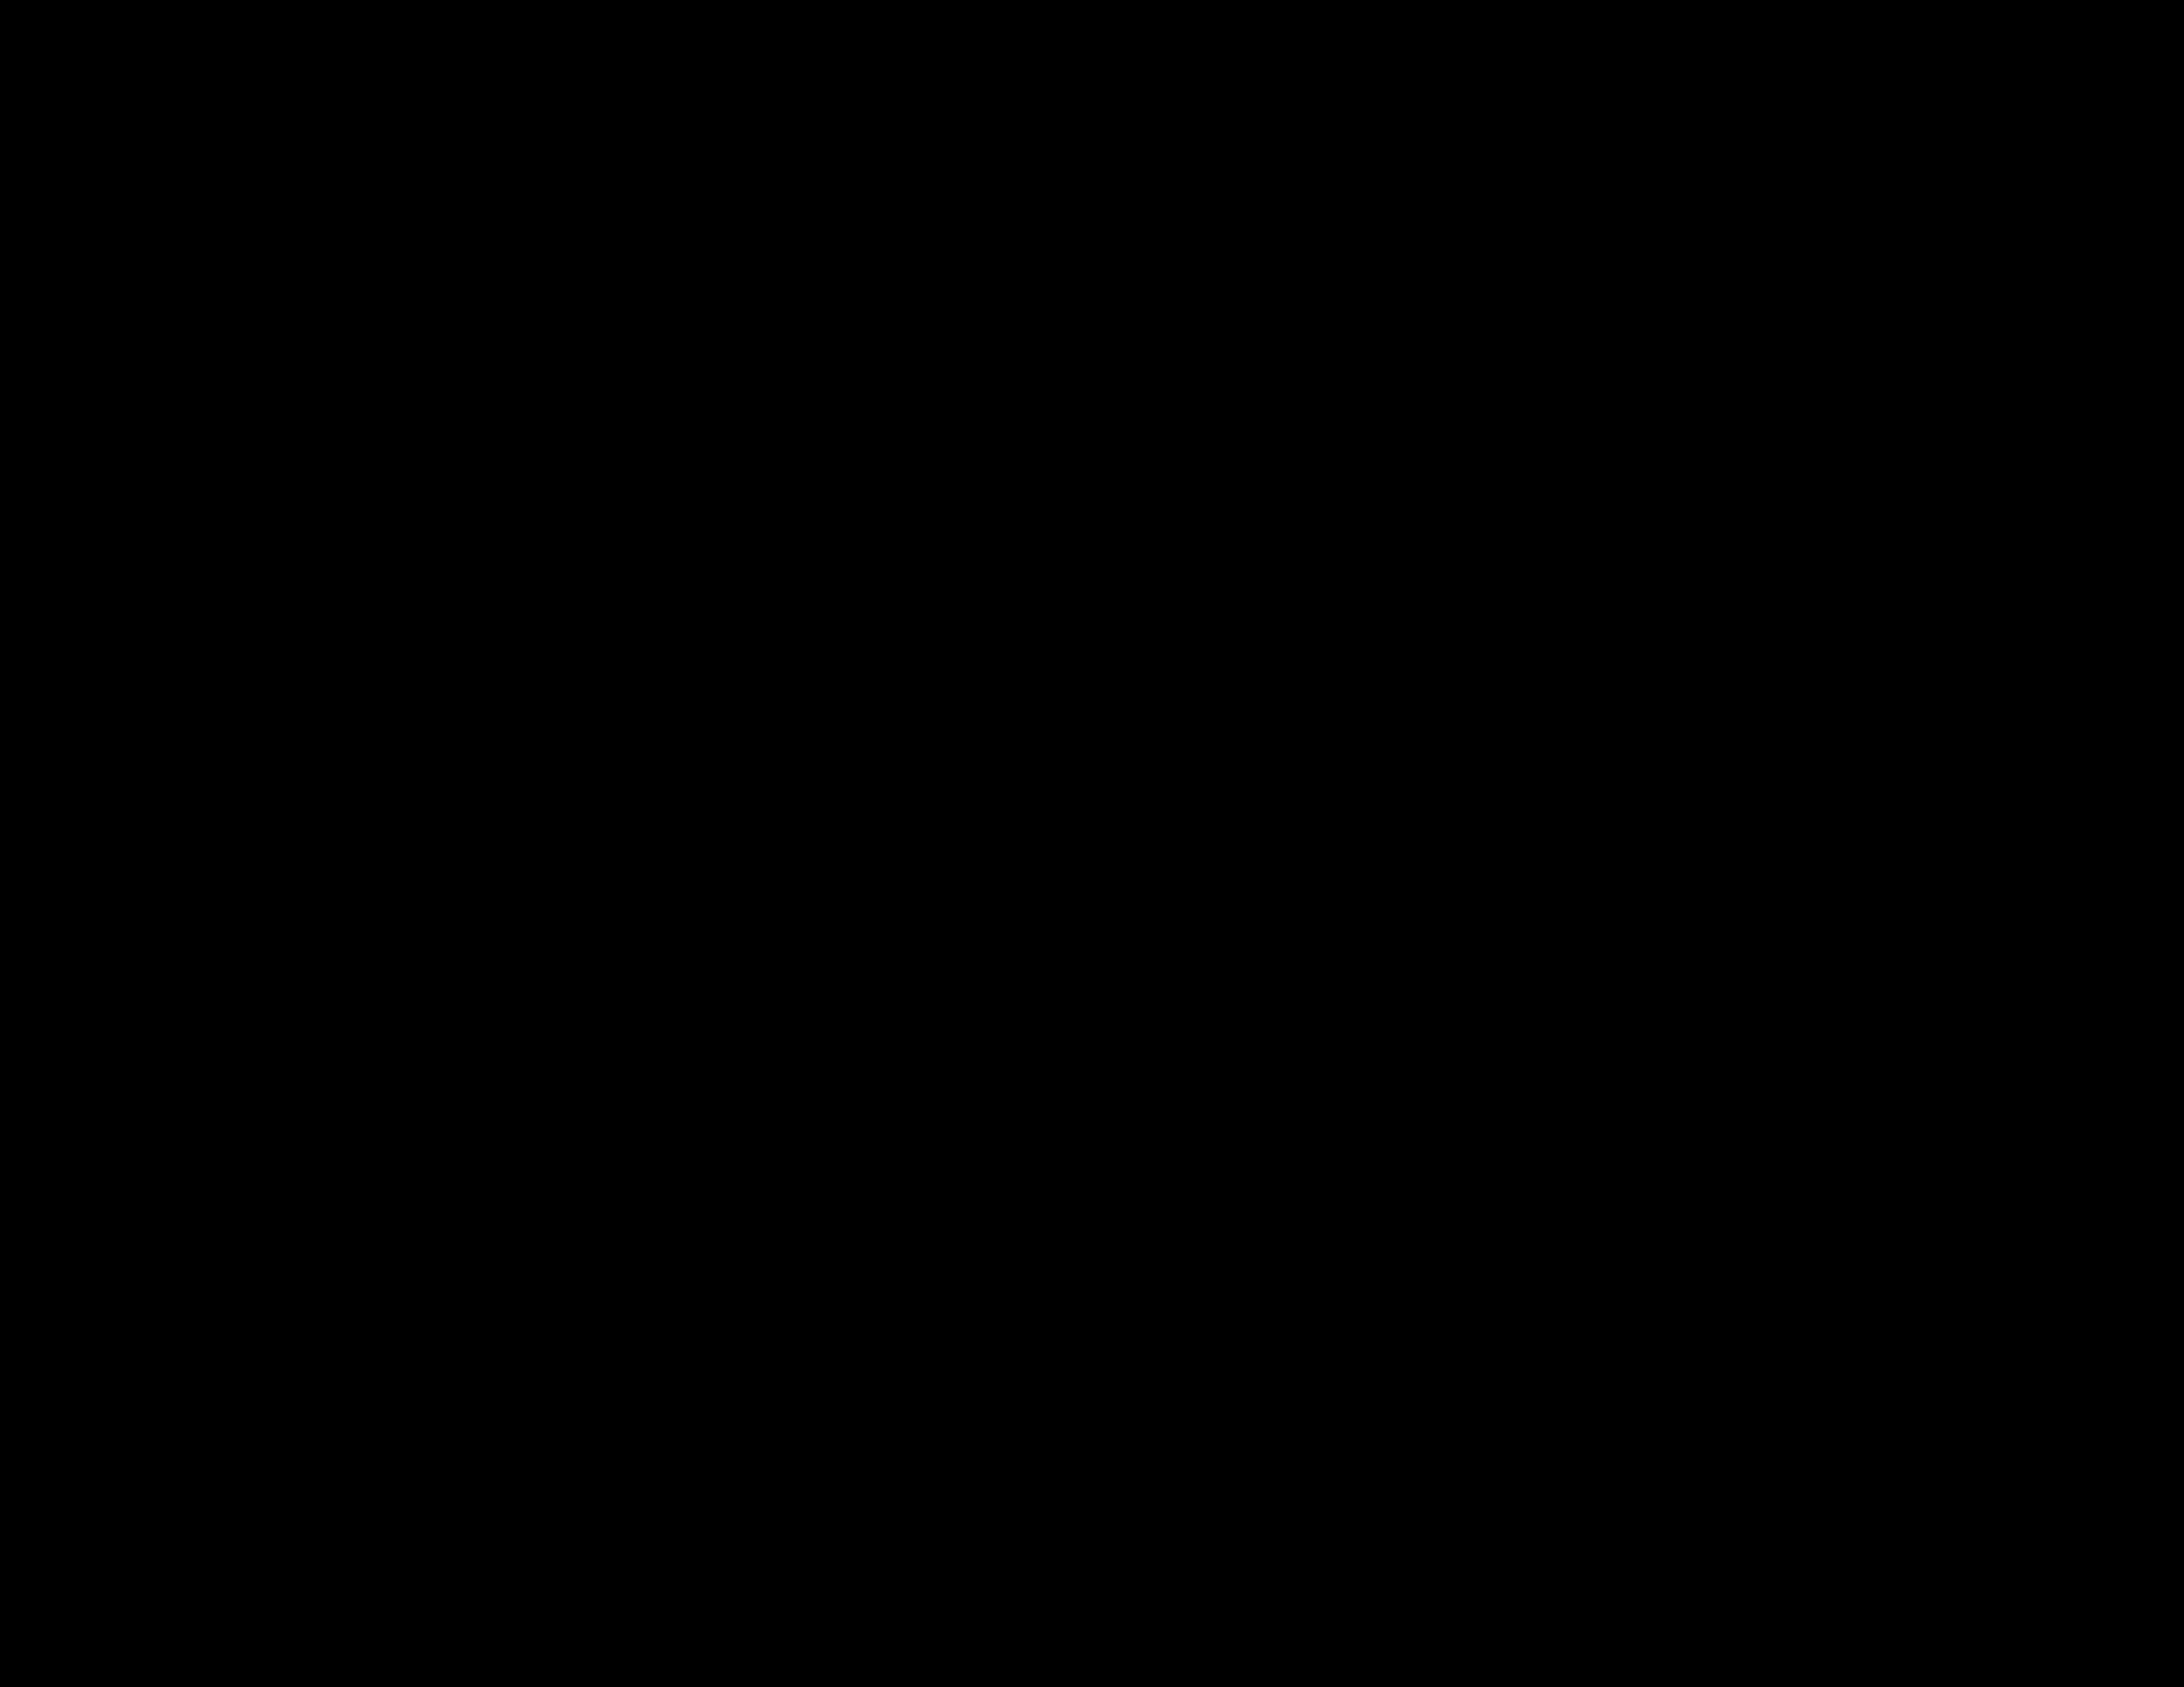 hlg_2934